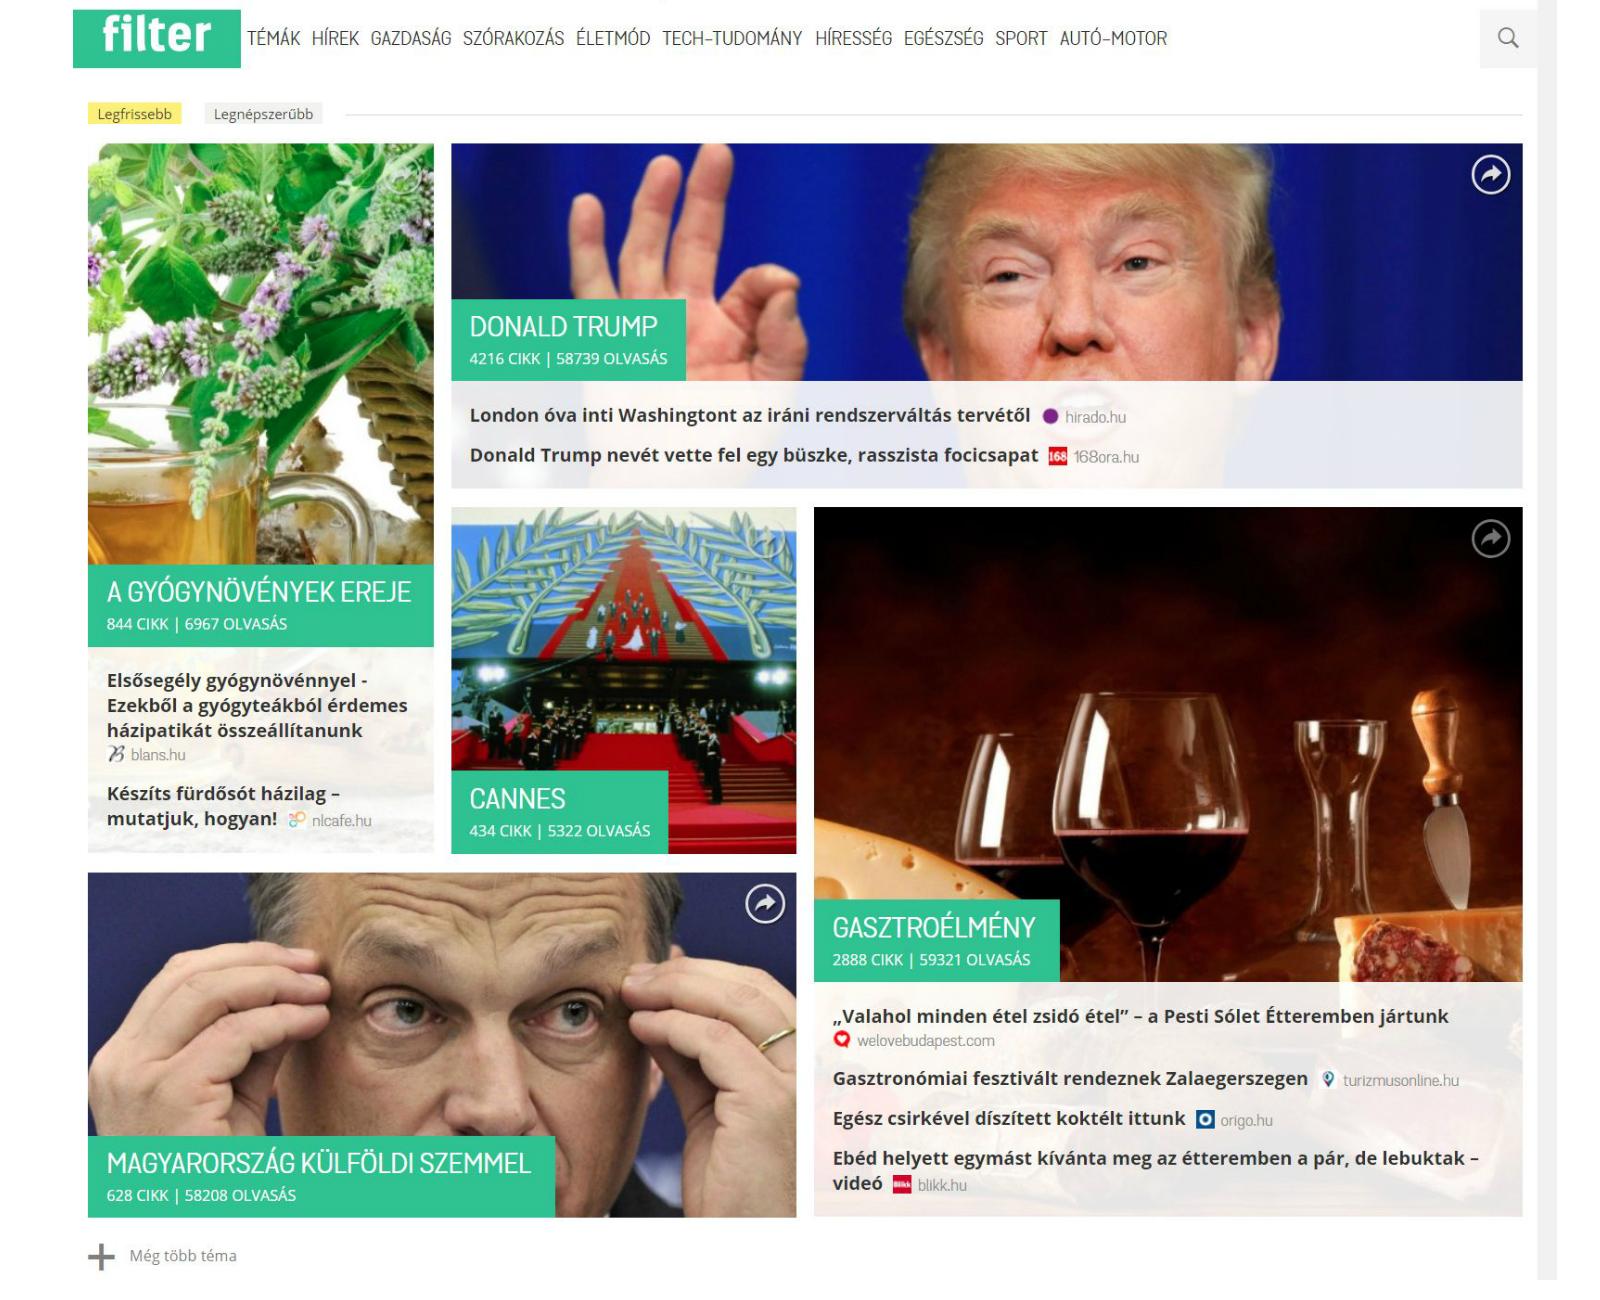 Százmilliós befektetés a magyar fejlesztésű hírmotornak